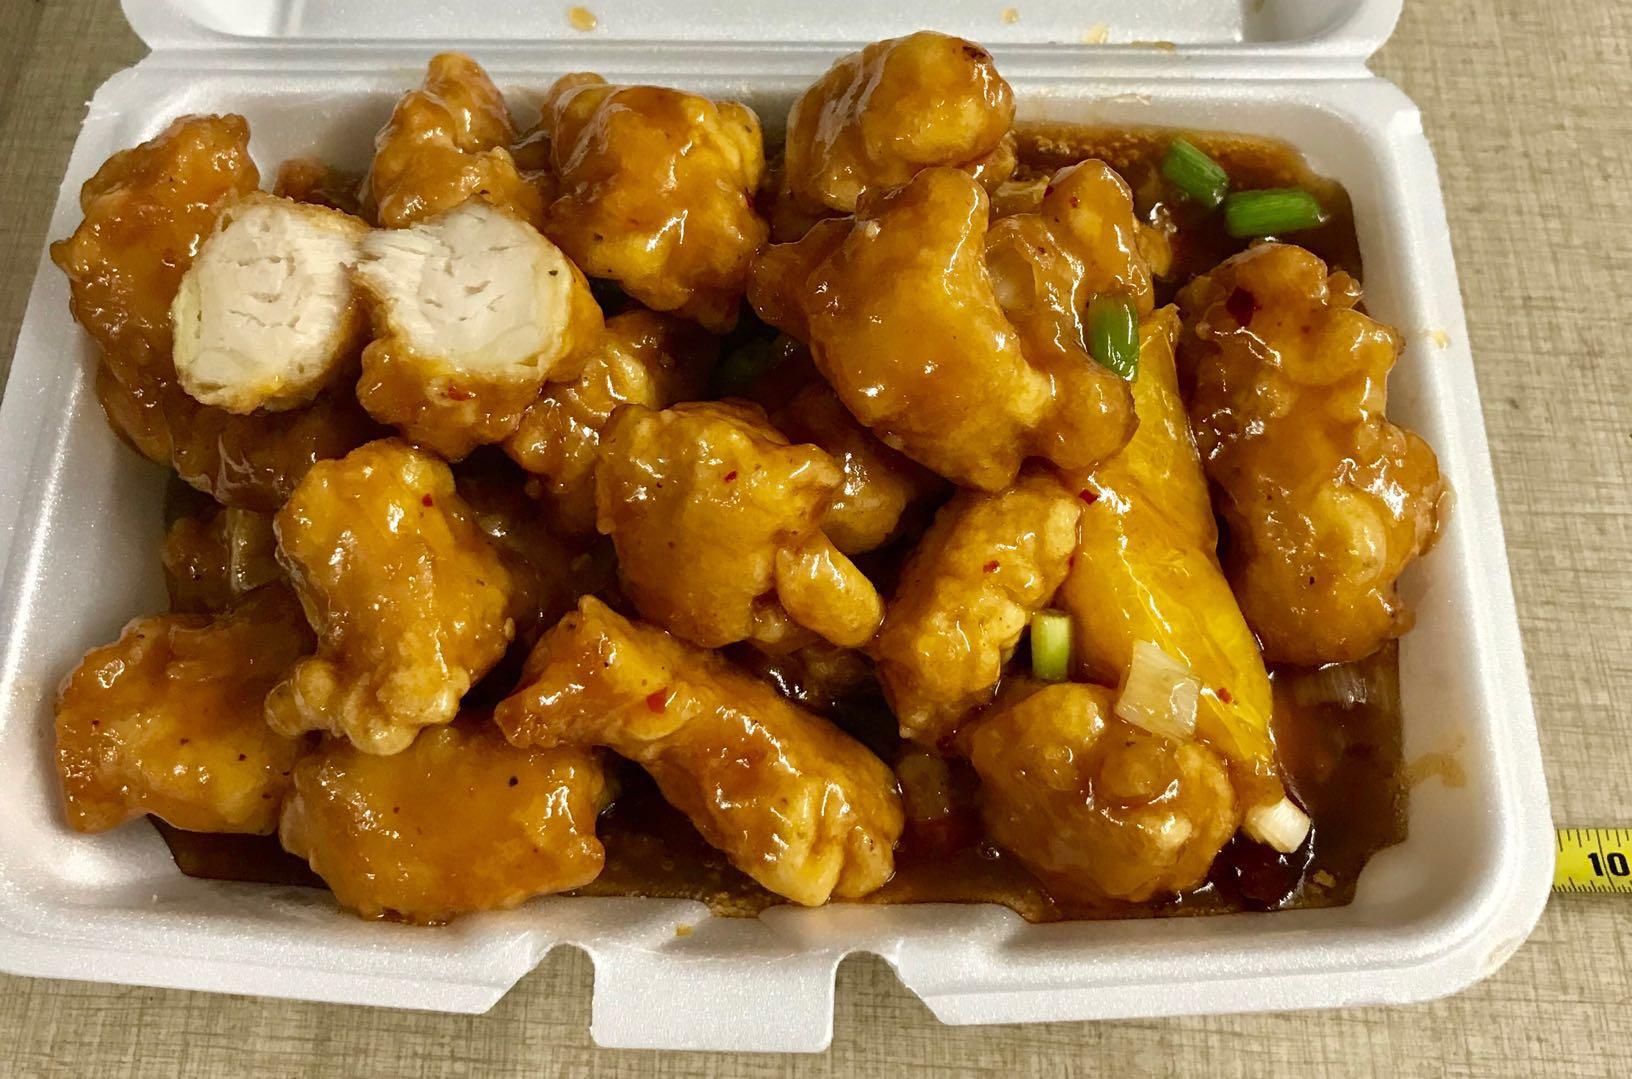 160. Orange Chicken